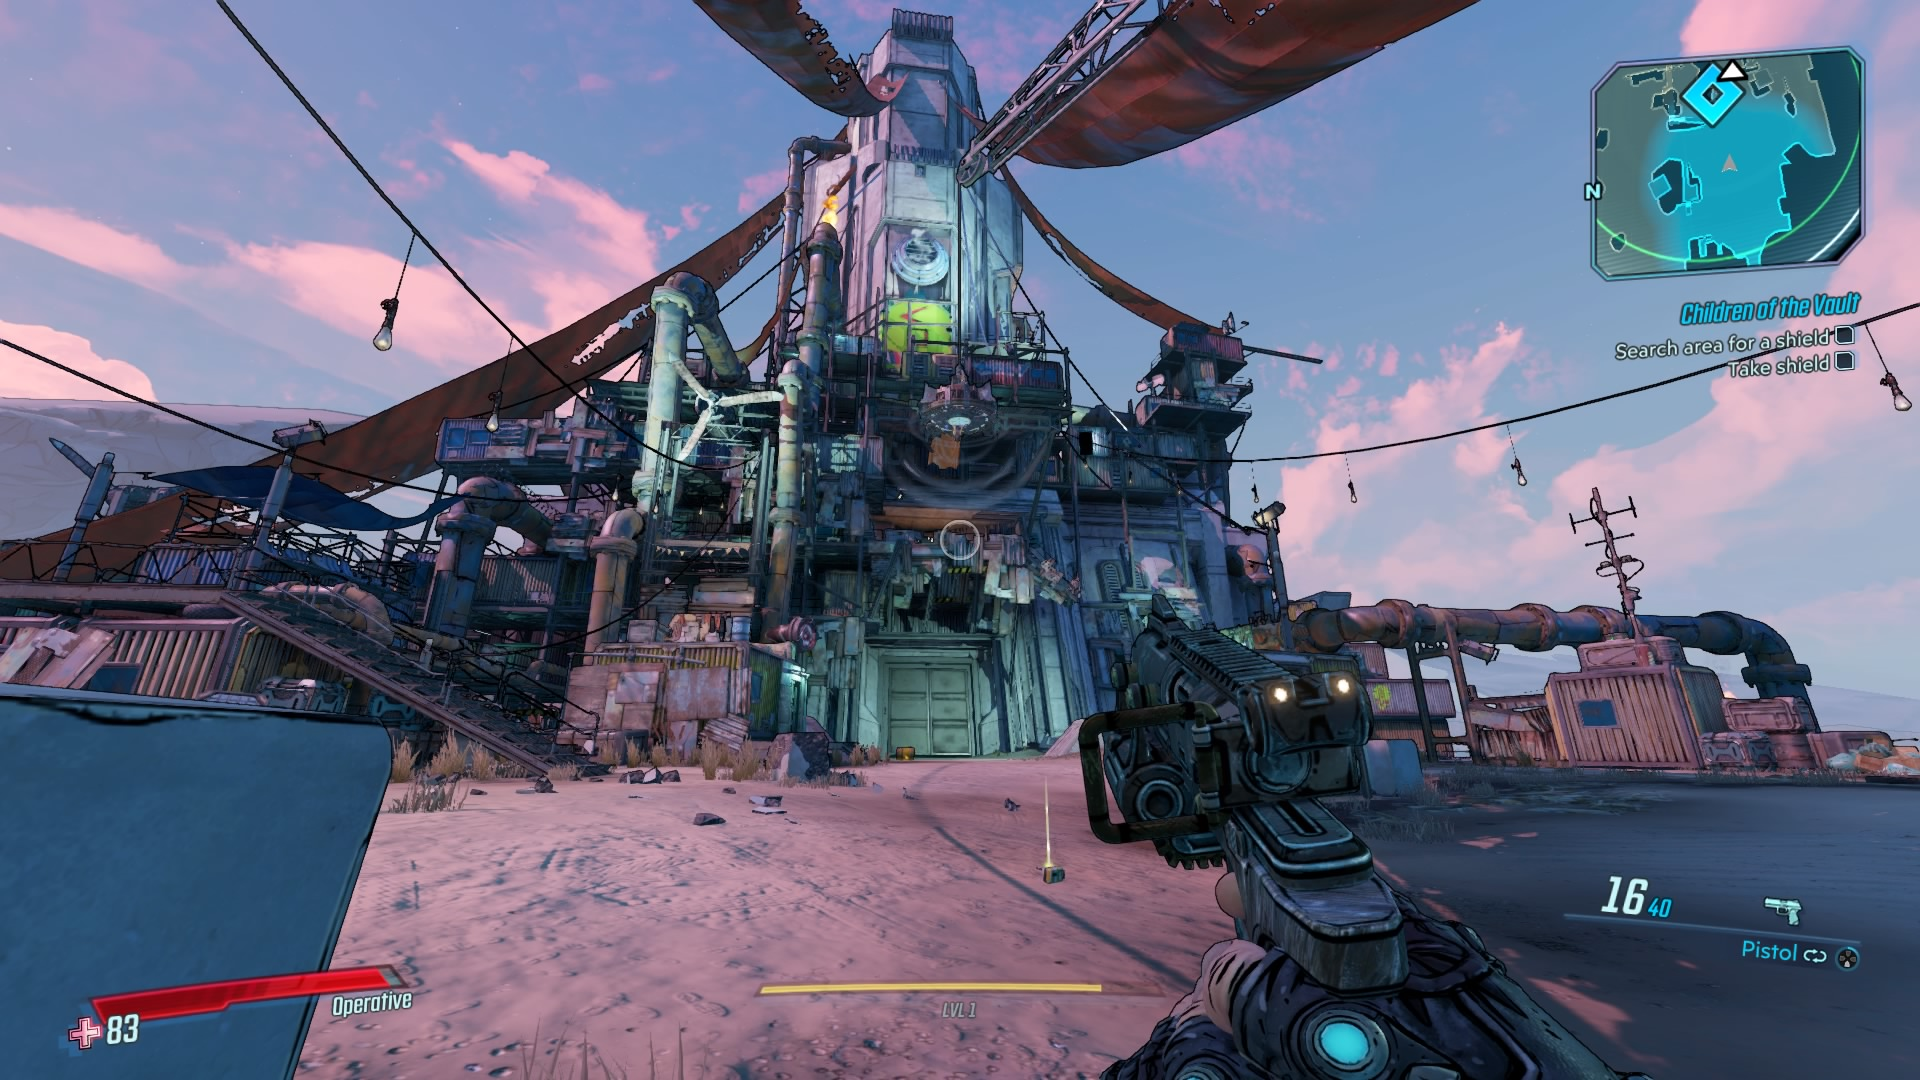 Borderlands 3 - kosmicznie dobra zabawa z kilkoma potknięciami (recenzja) 31